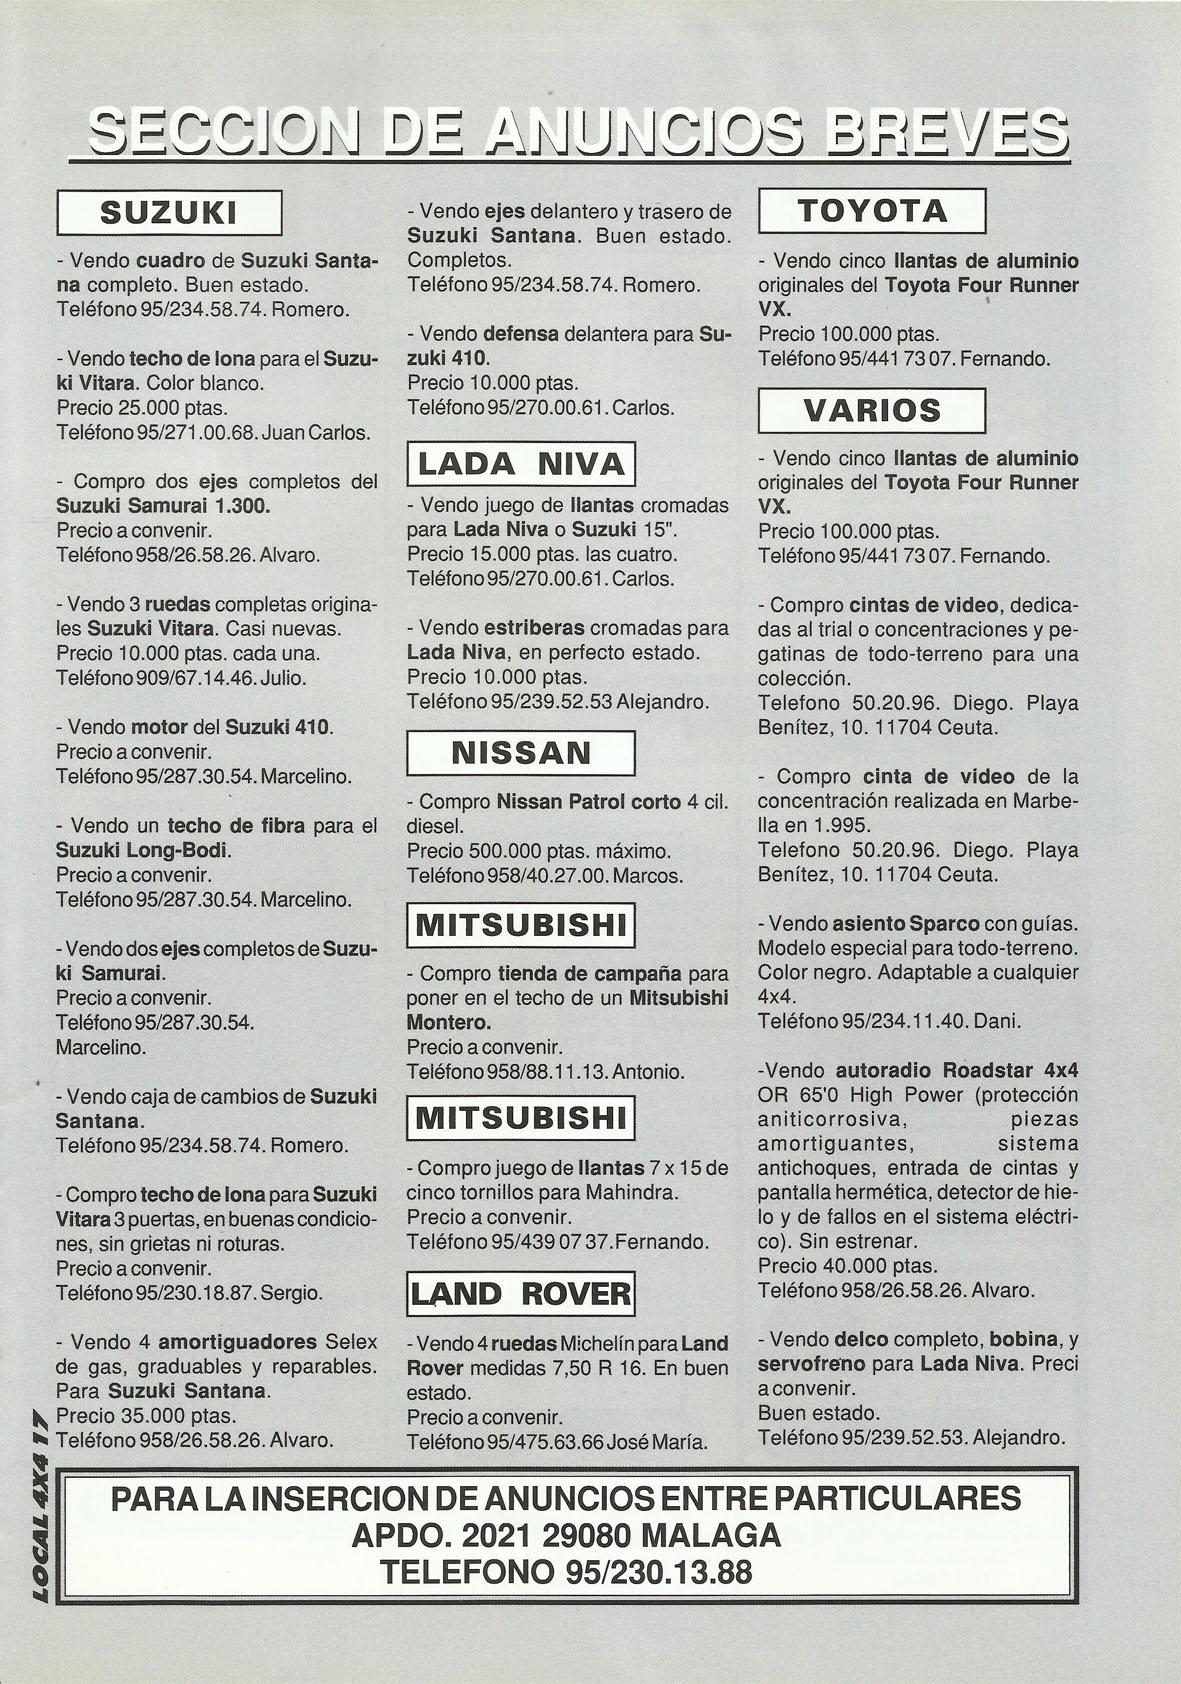 Revista Local 4x4 32 17 Sección de Anuncios Breves